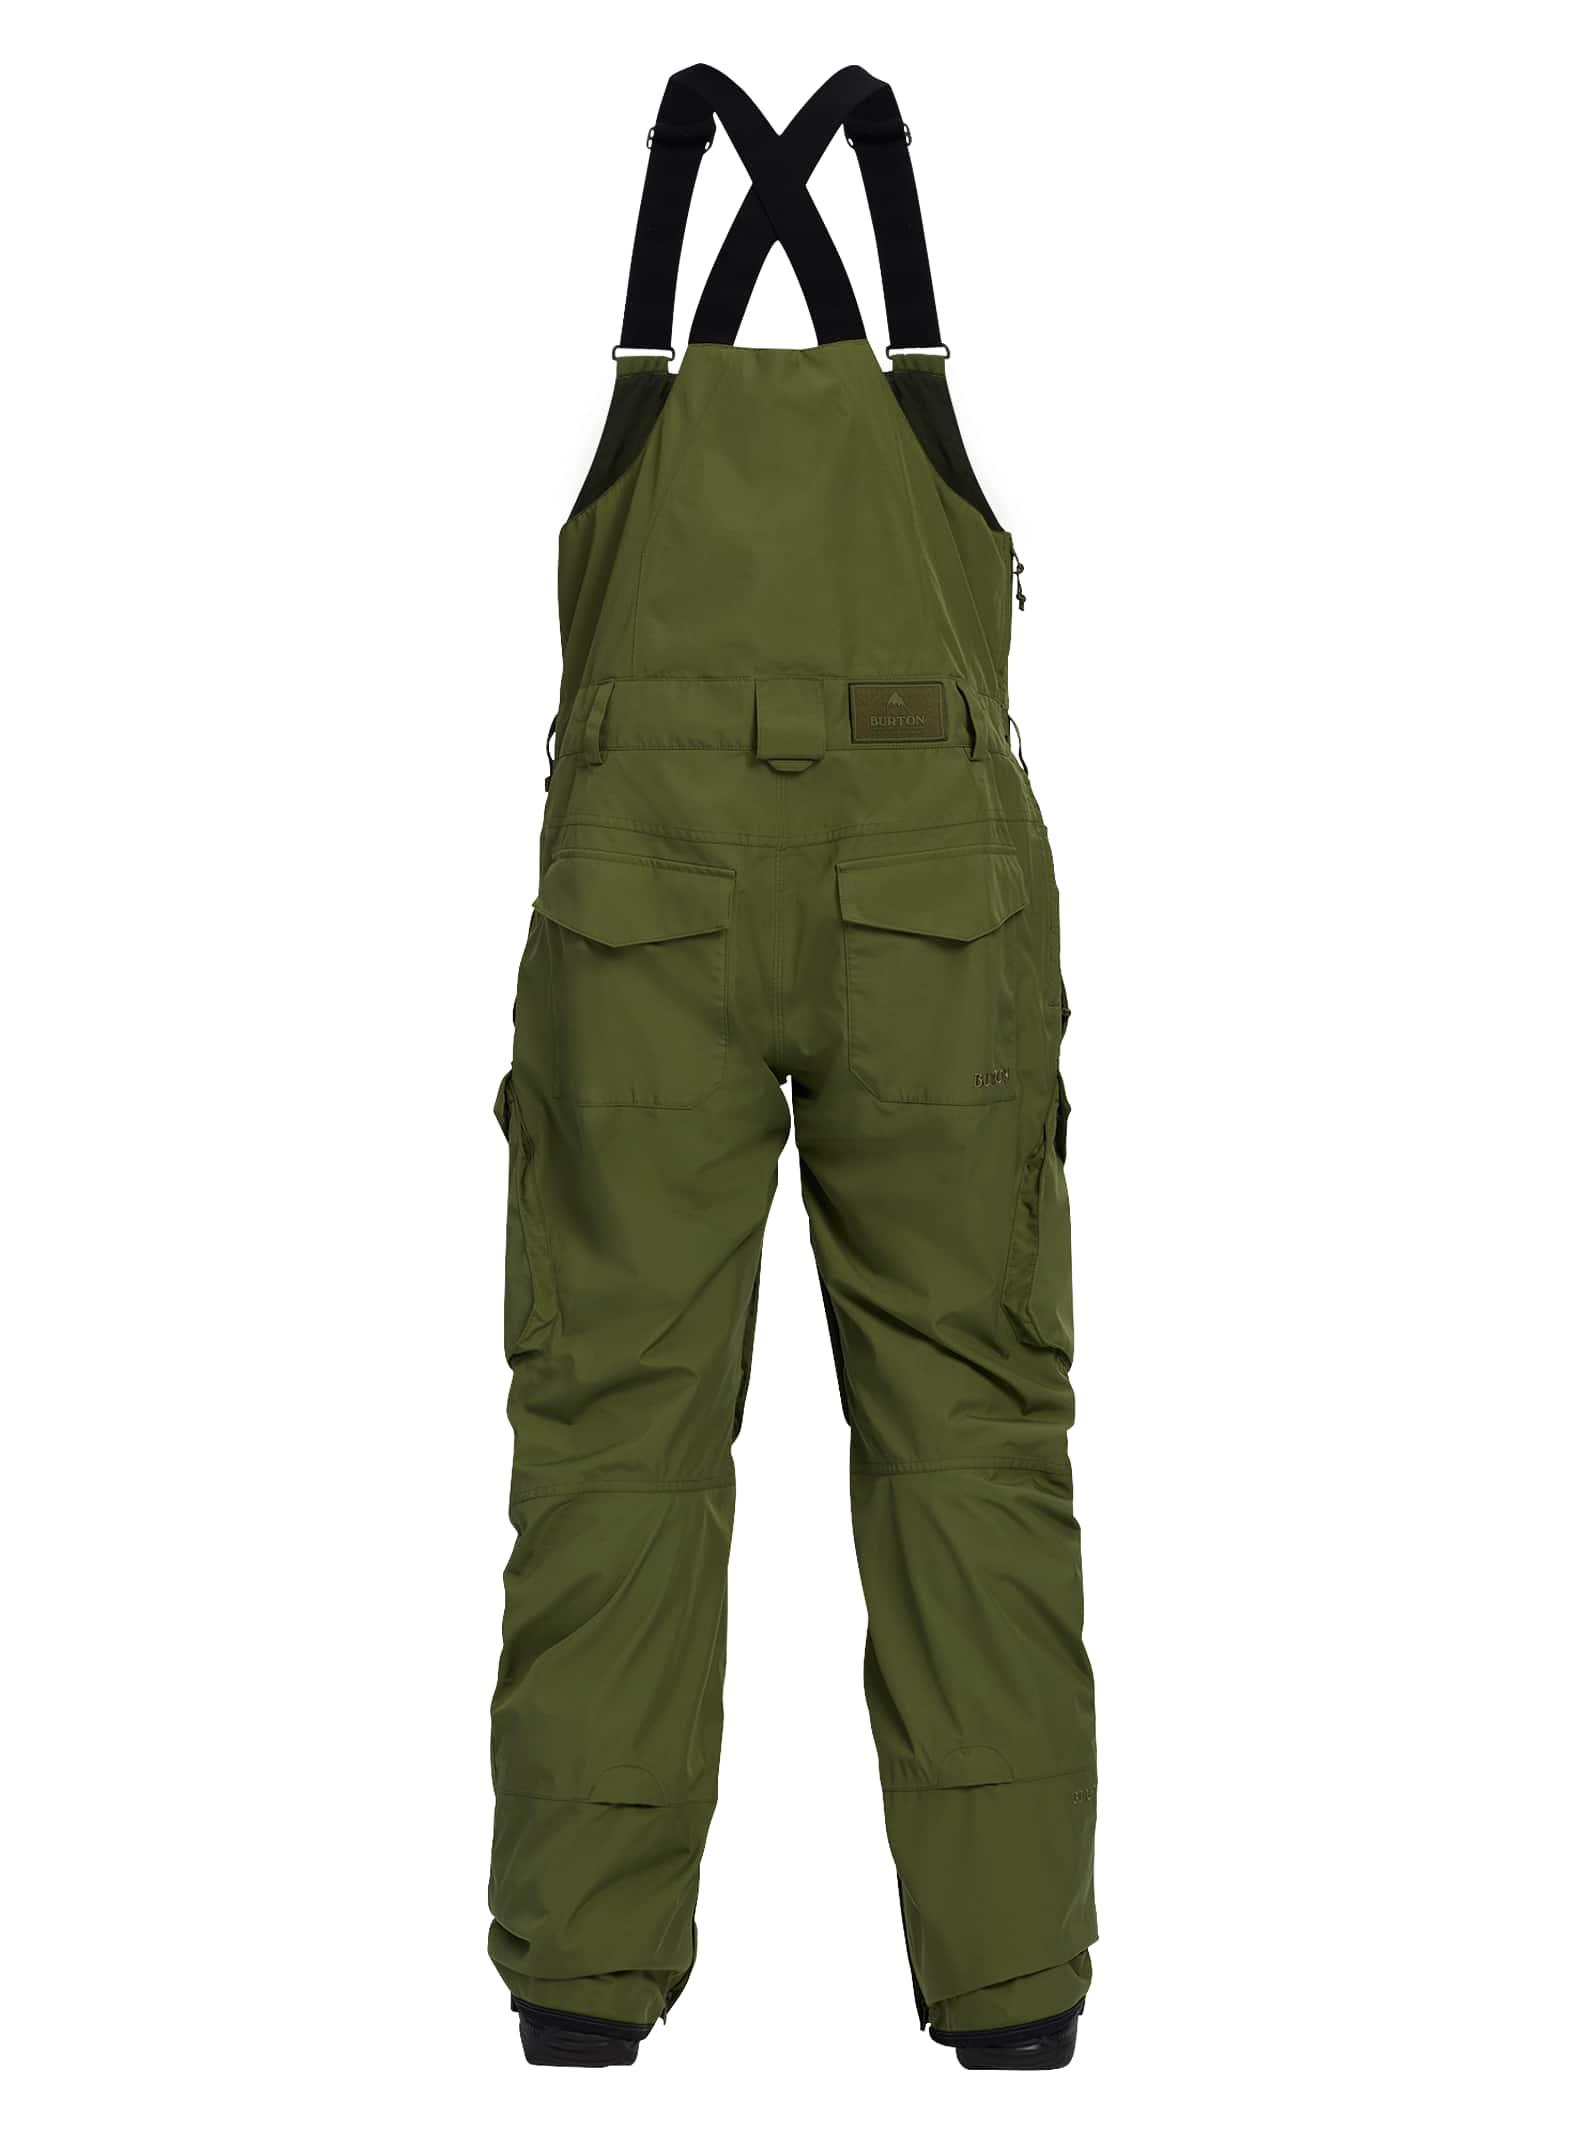 073db2650023 Men s Snowboard Pants   Bibs